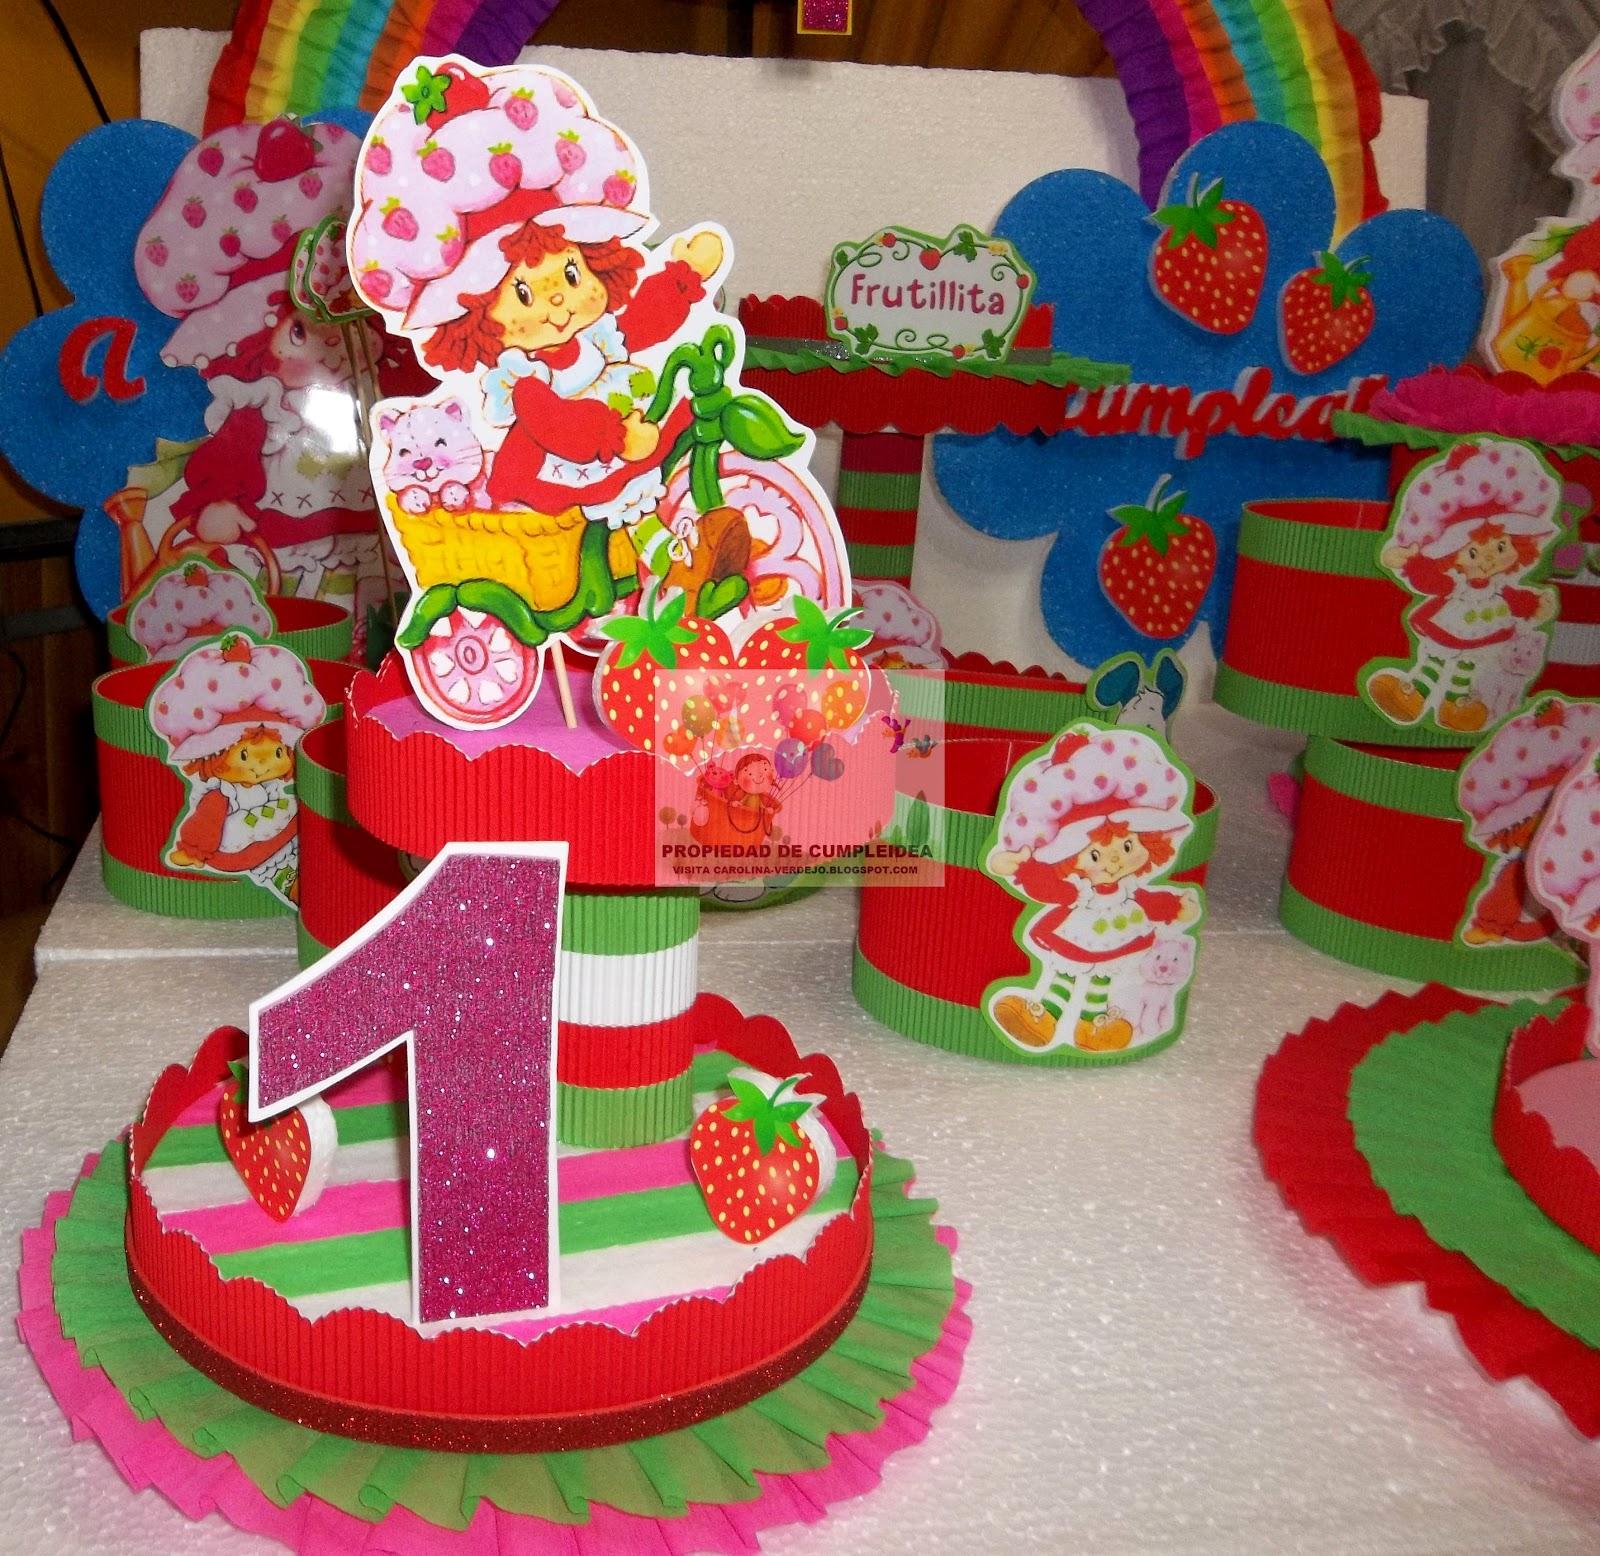 Decoraciones infantiles frutillita - Decoracion de centros de mesa ...